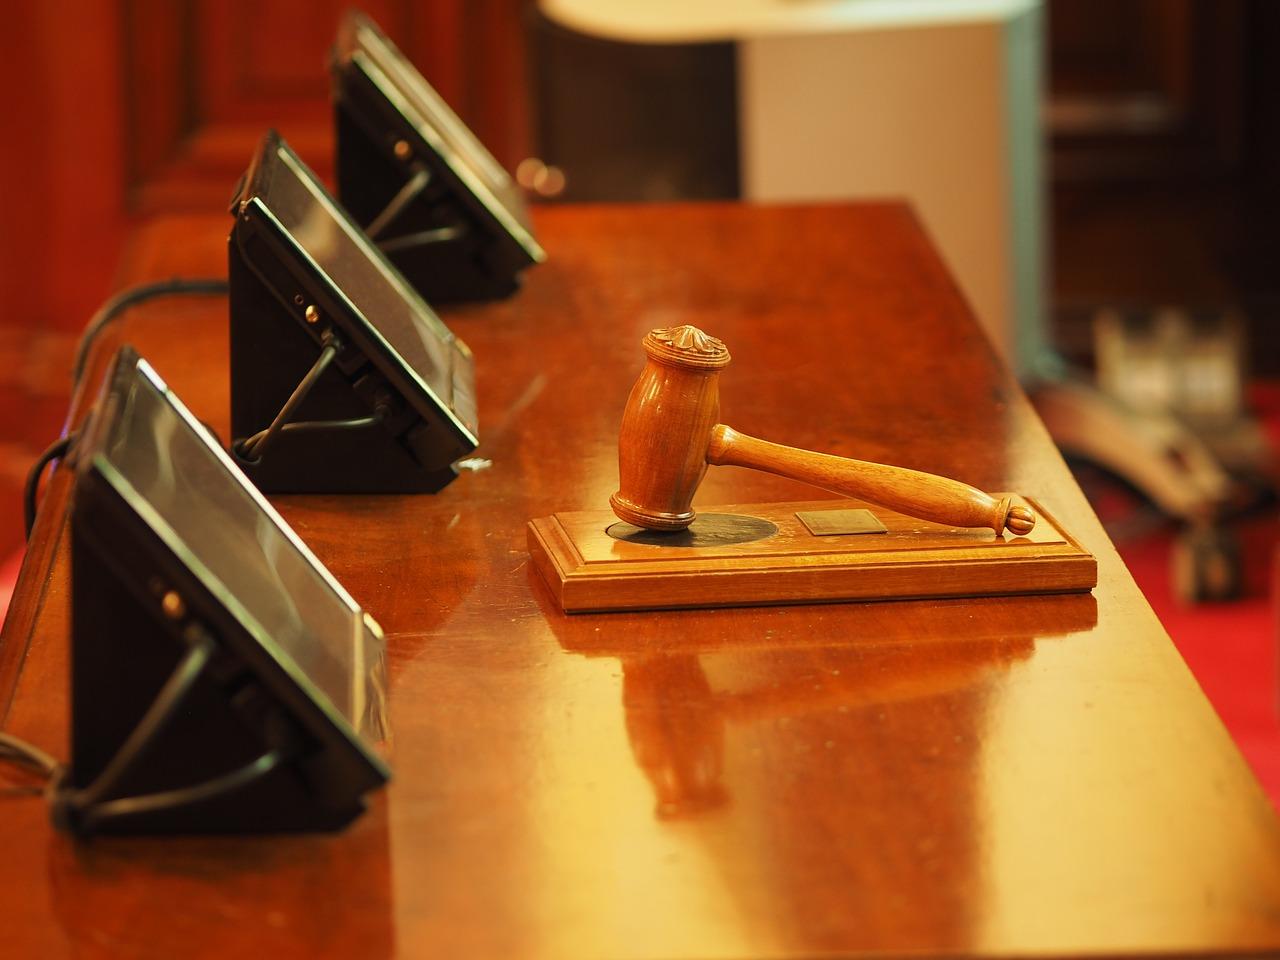 Θεσσαλονίκη: Άρχισε η δίκη για τη δολοφονία του νεαρού μπάτλερ απο την Σρί Λάνκα